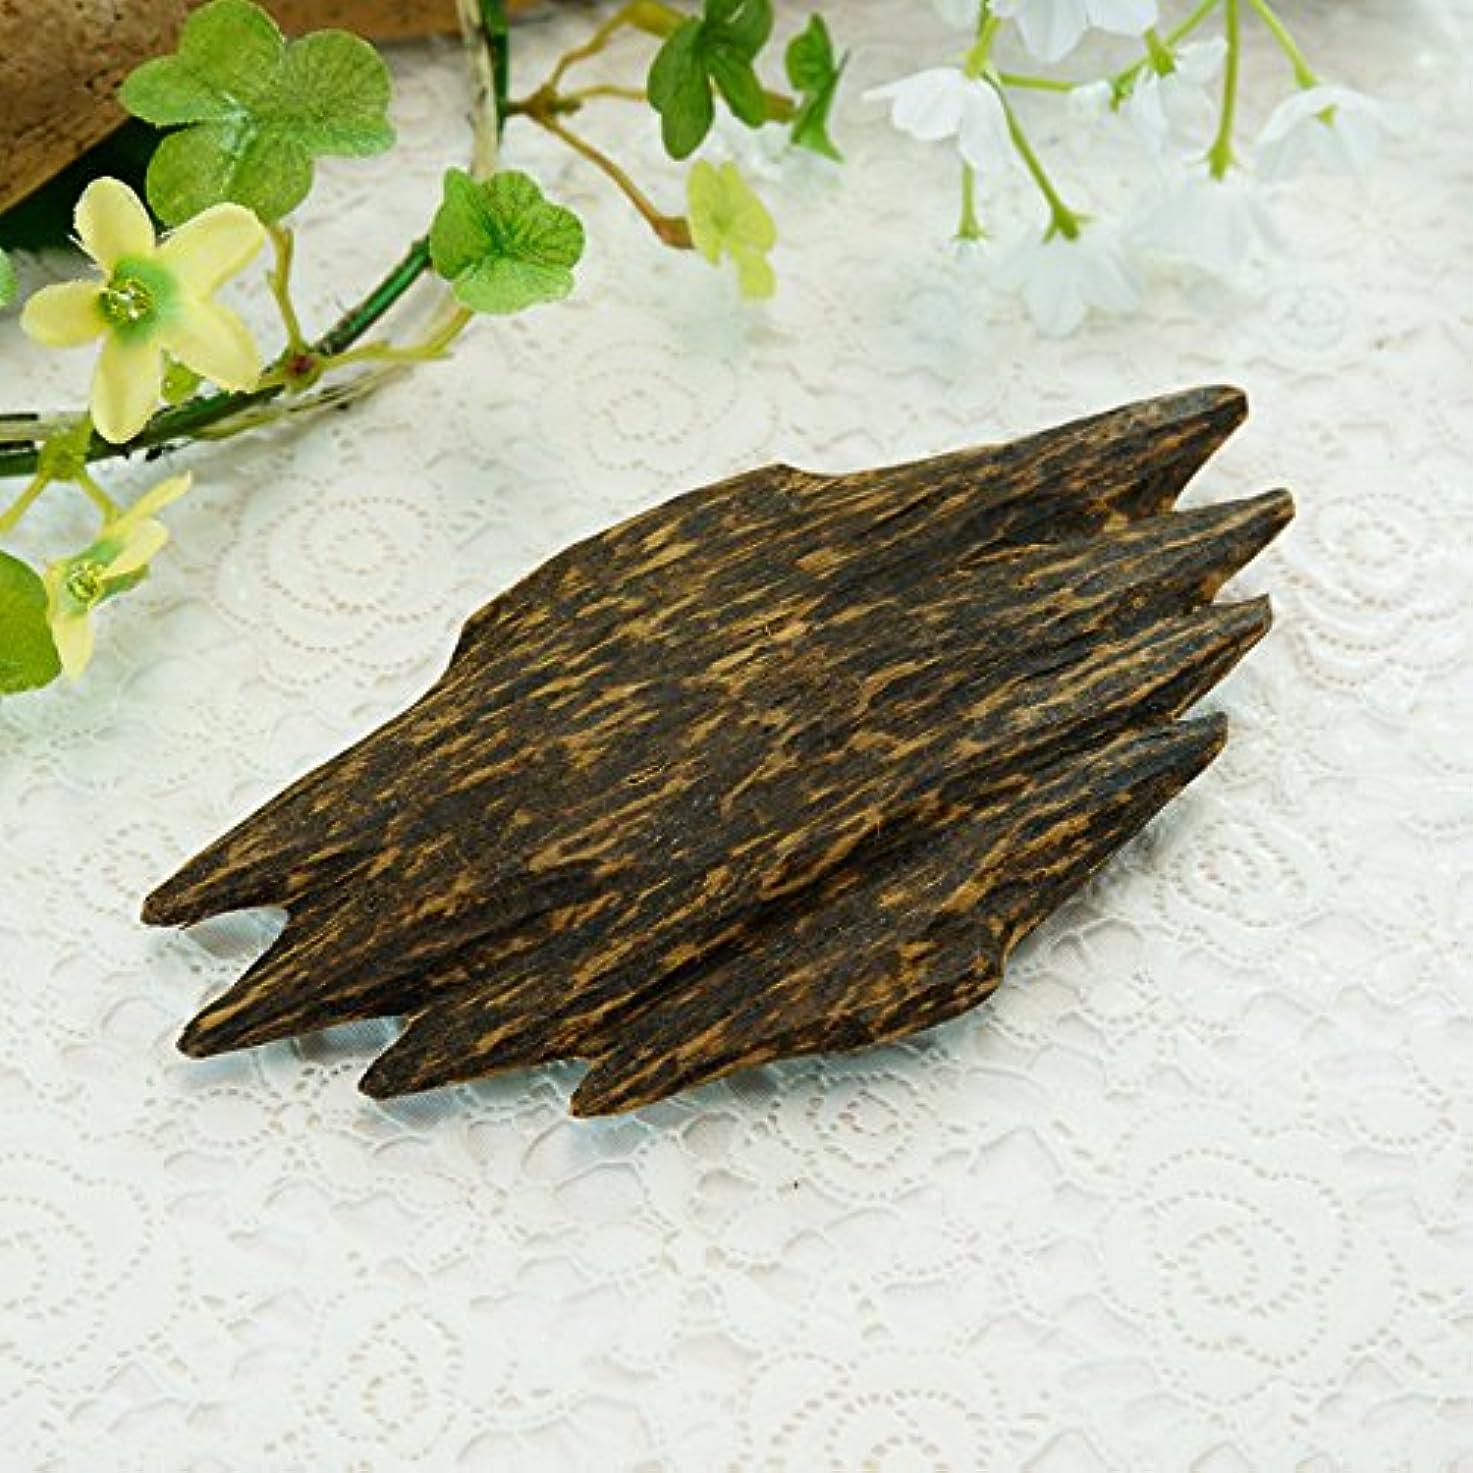 エアコンホステスキャメルTENKAPAS (テンカパワーストーン) ベトナム産 沈香原木 55g(±2g) お香の香り アロマテラピーとして 天然素材 雑貨 インテリア オブジェ